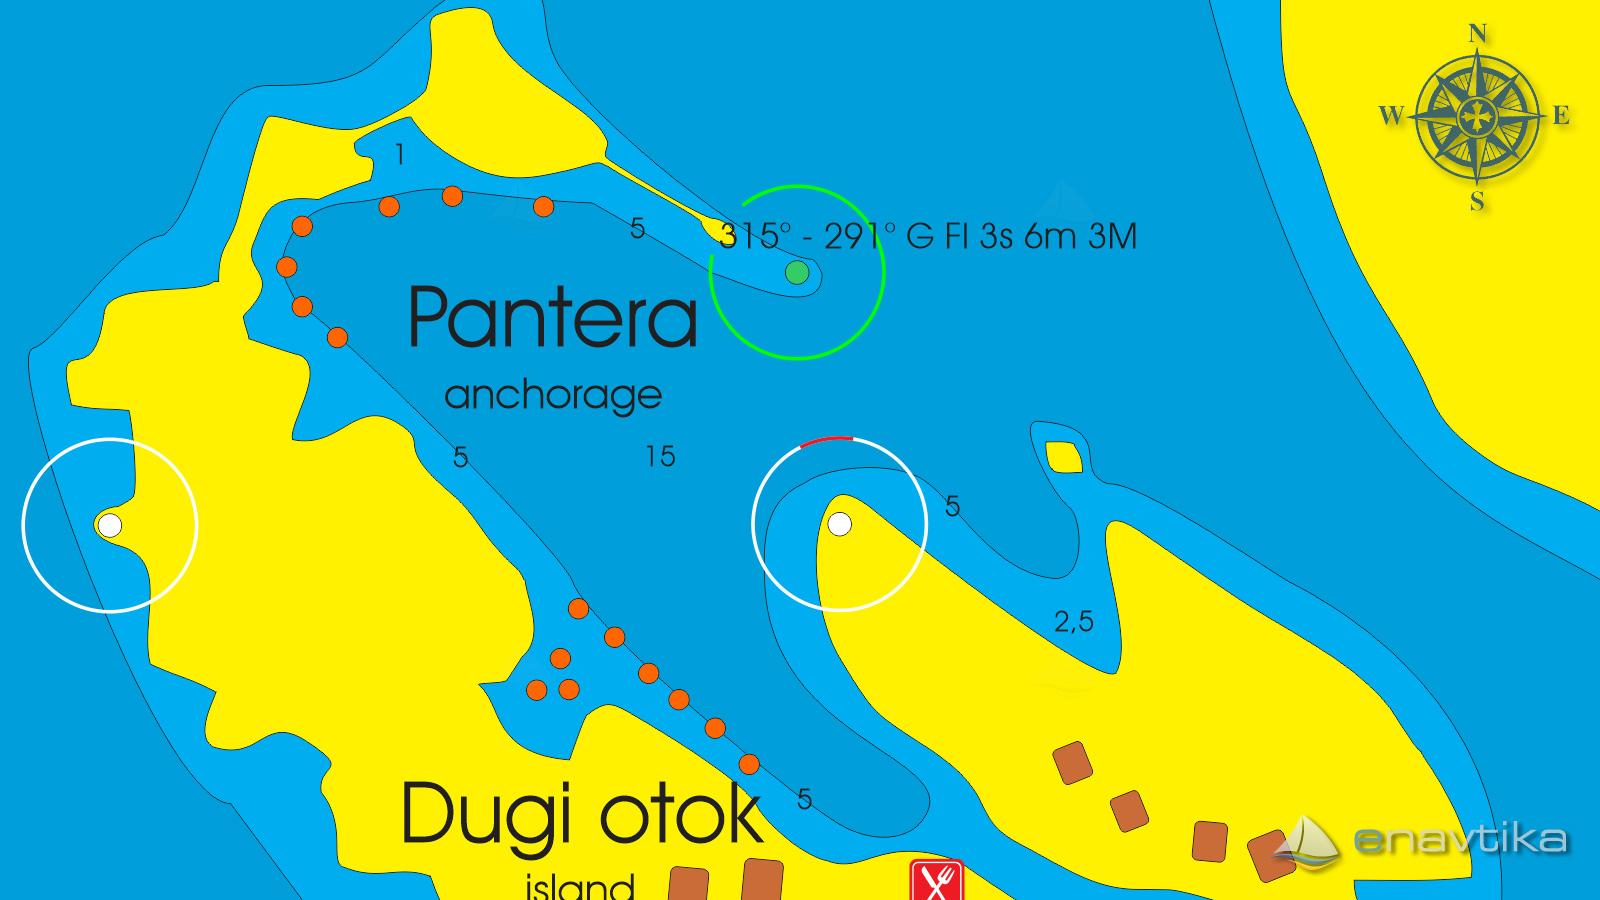 Slika Pantera 2